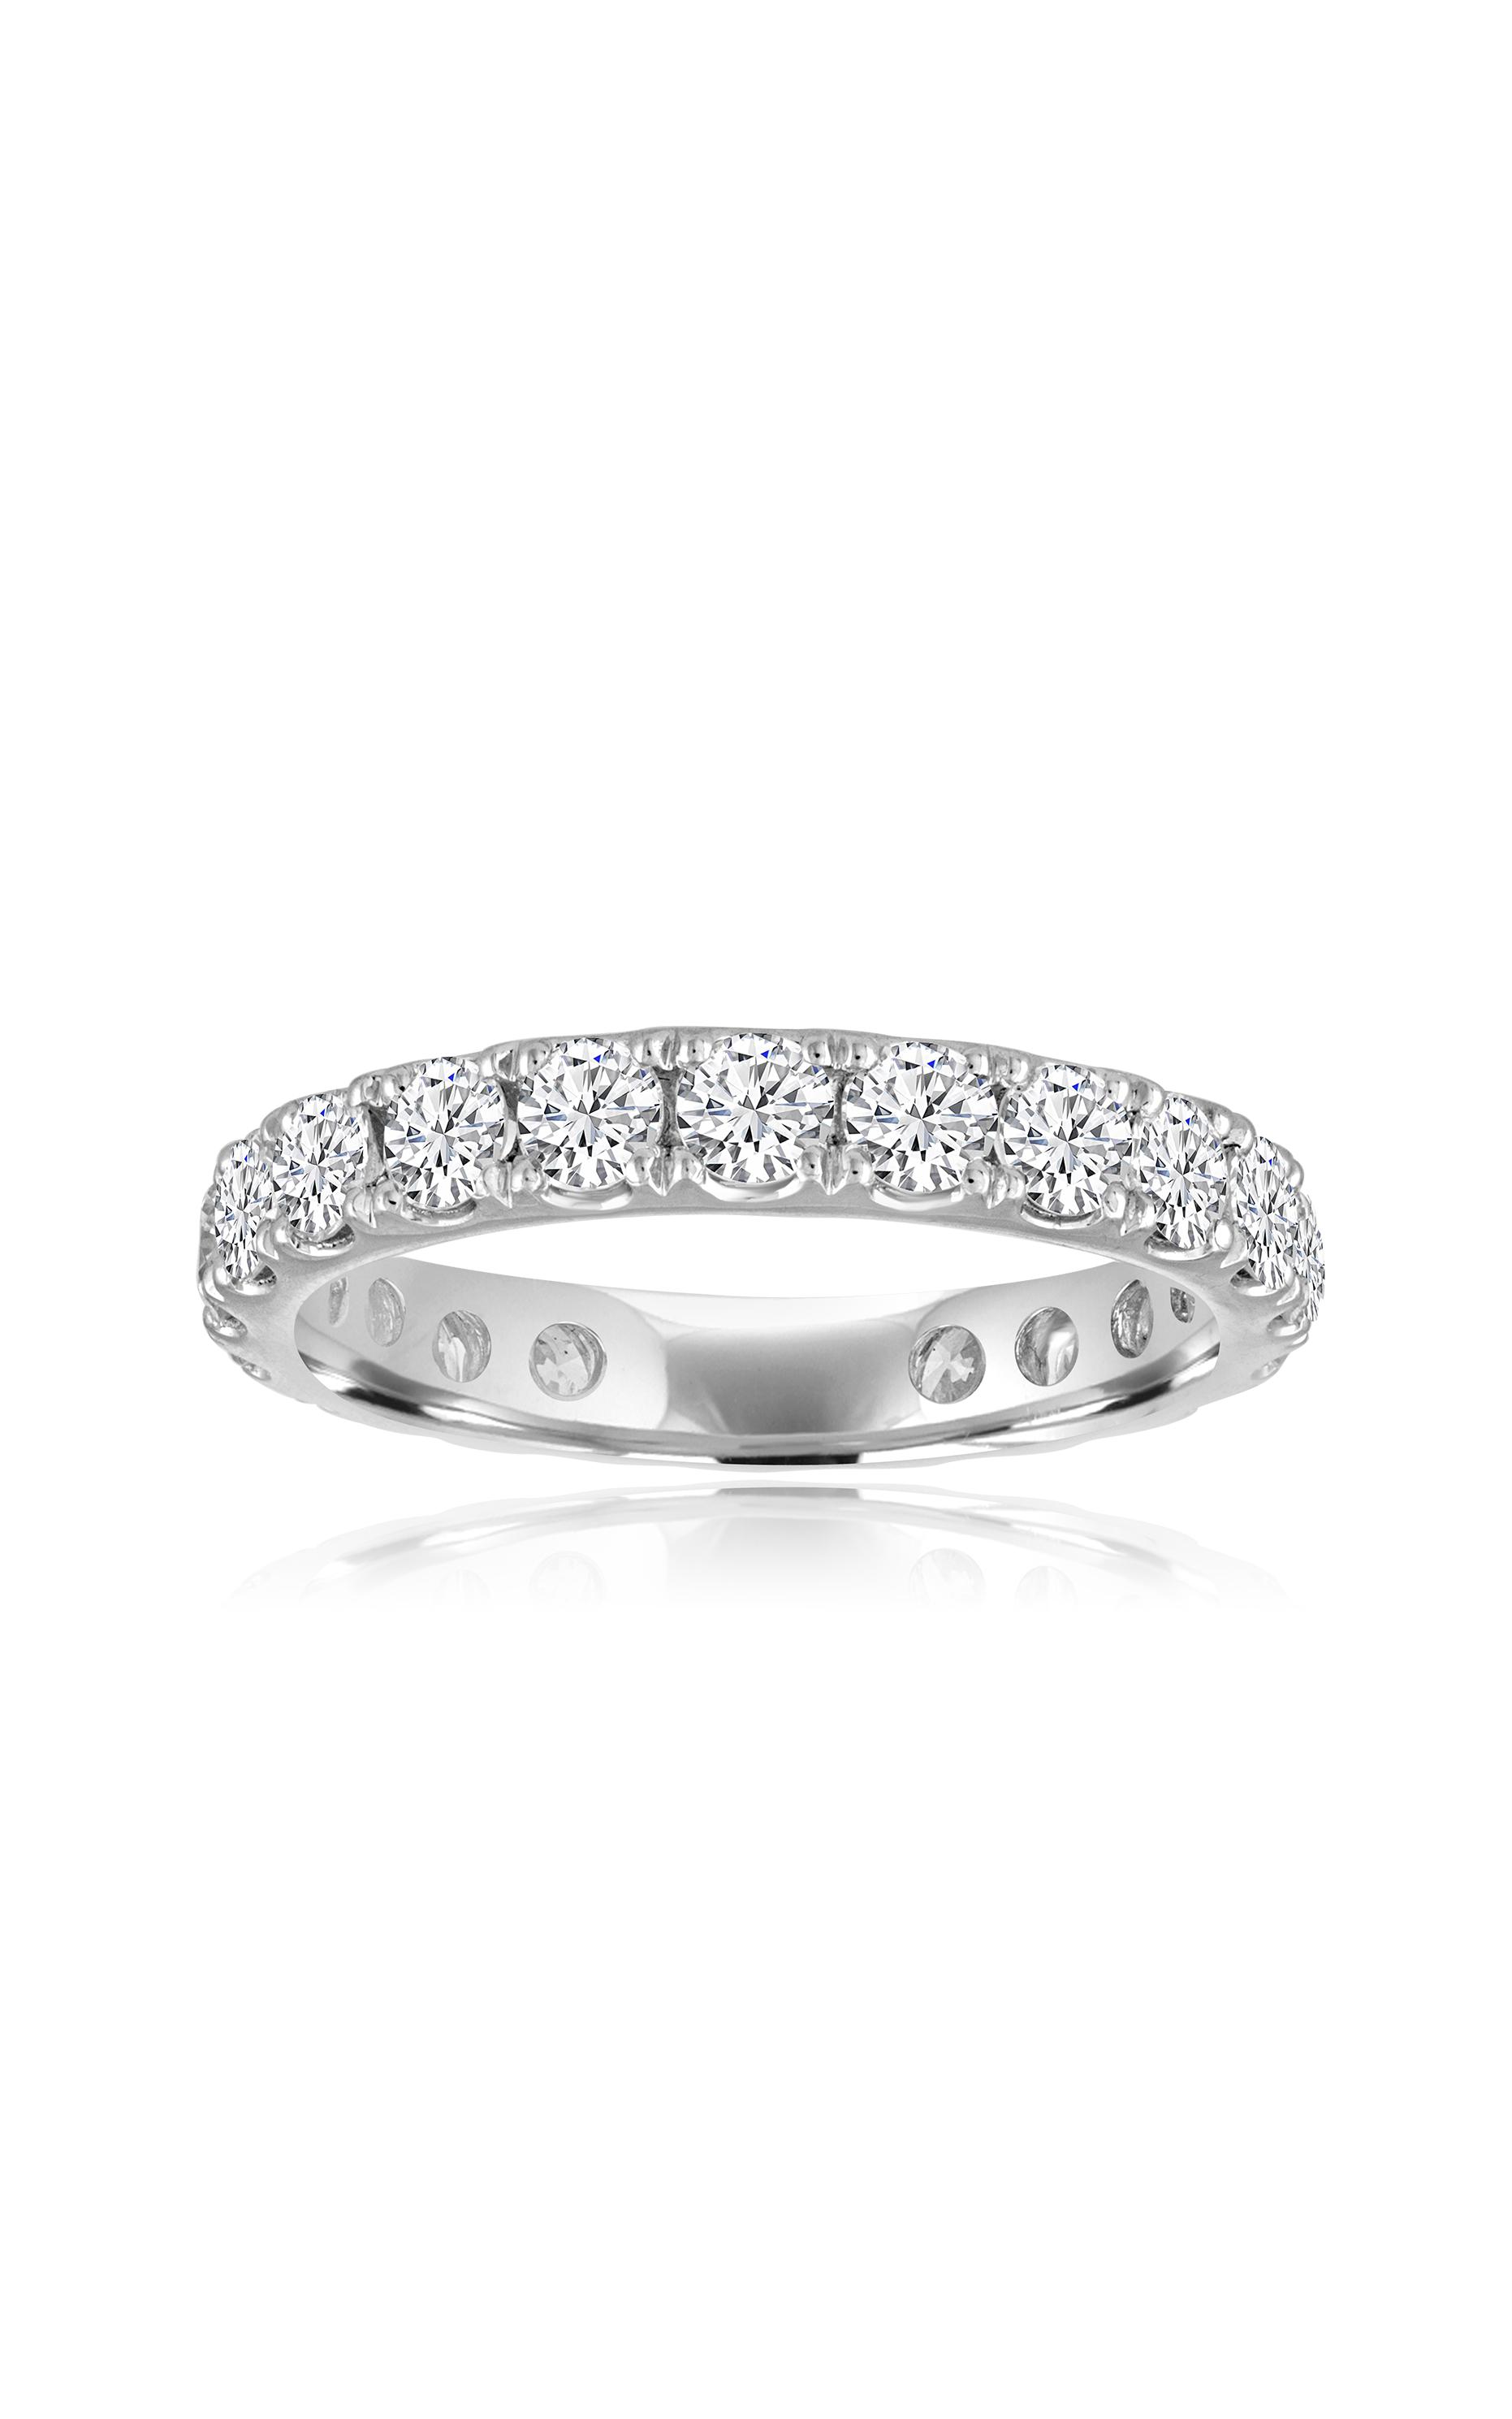 Imagine Bridal Wedding Band 80156D-1.5 product image